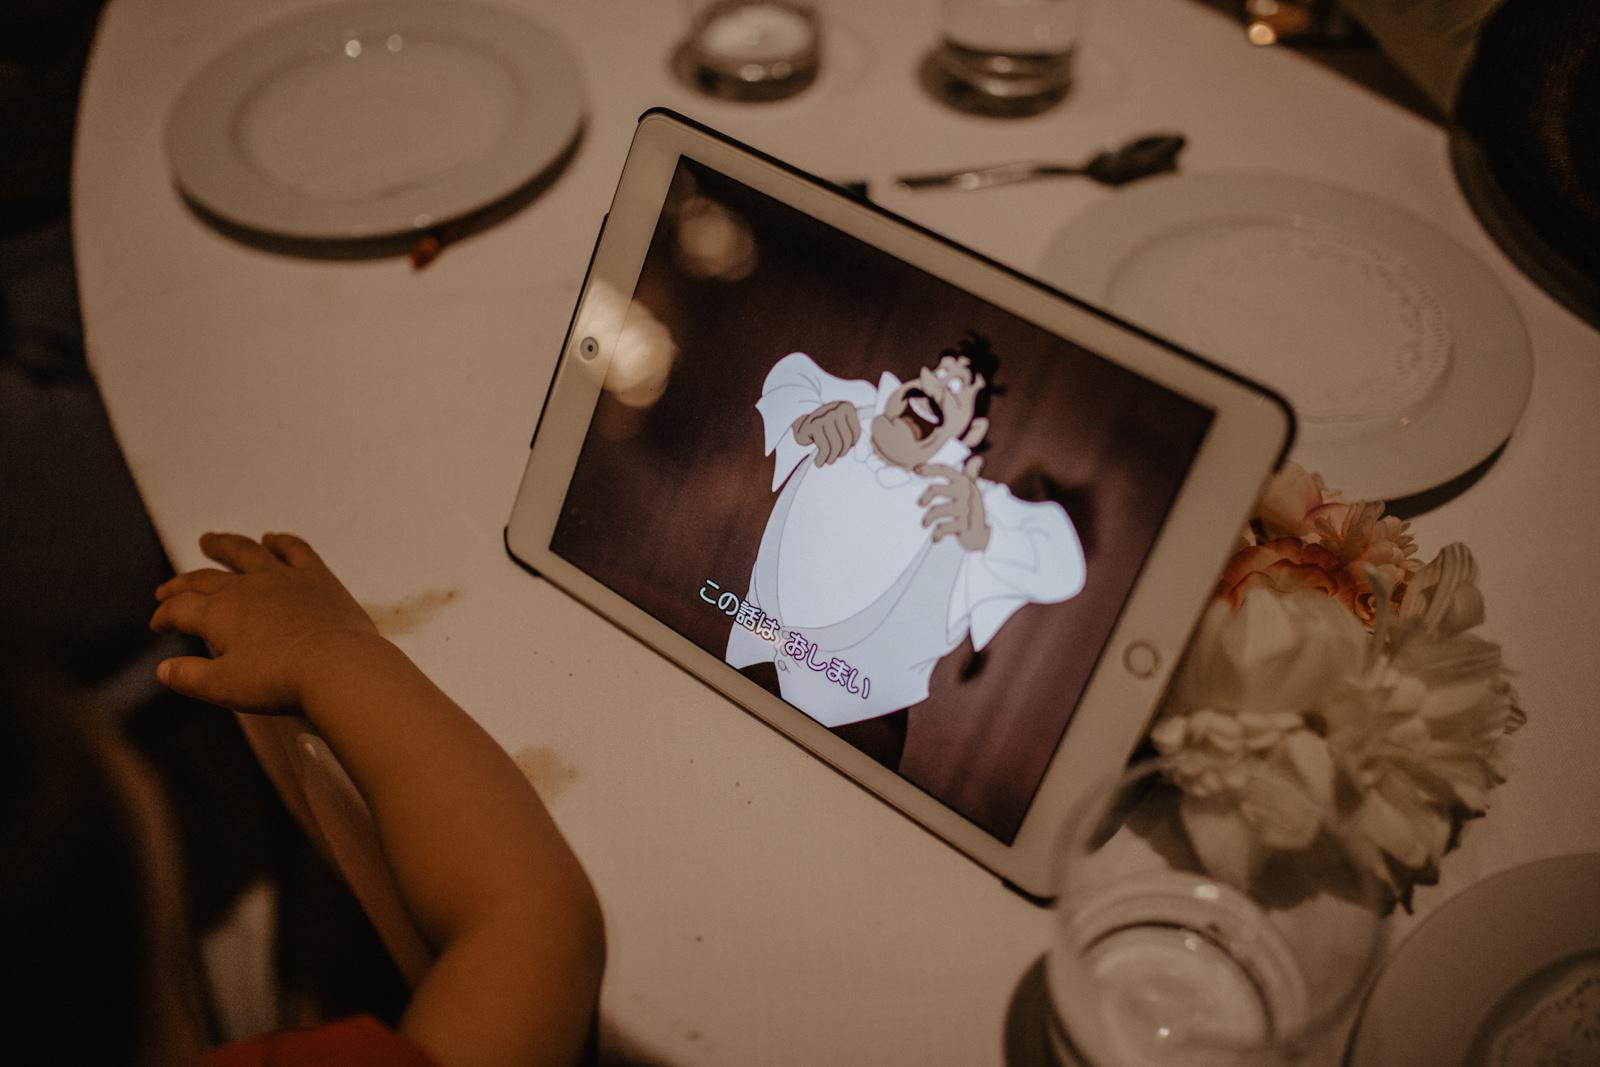 thenortherngirlphotography_photography_thenortherngirl_rebeccascabros_wedding_weddingphotography_weddingphotographer_barcelona_bodaenlabaronia_labaronia_japanesewedding_destinationwedding_shokoalbert-811.jpg